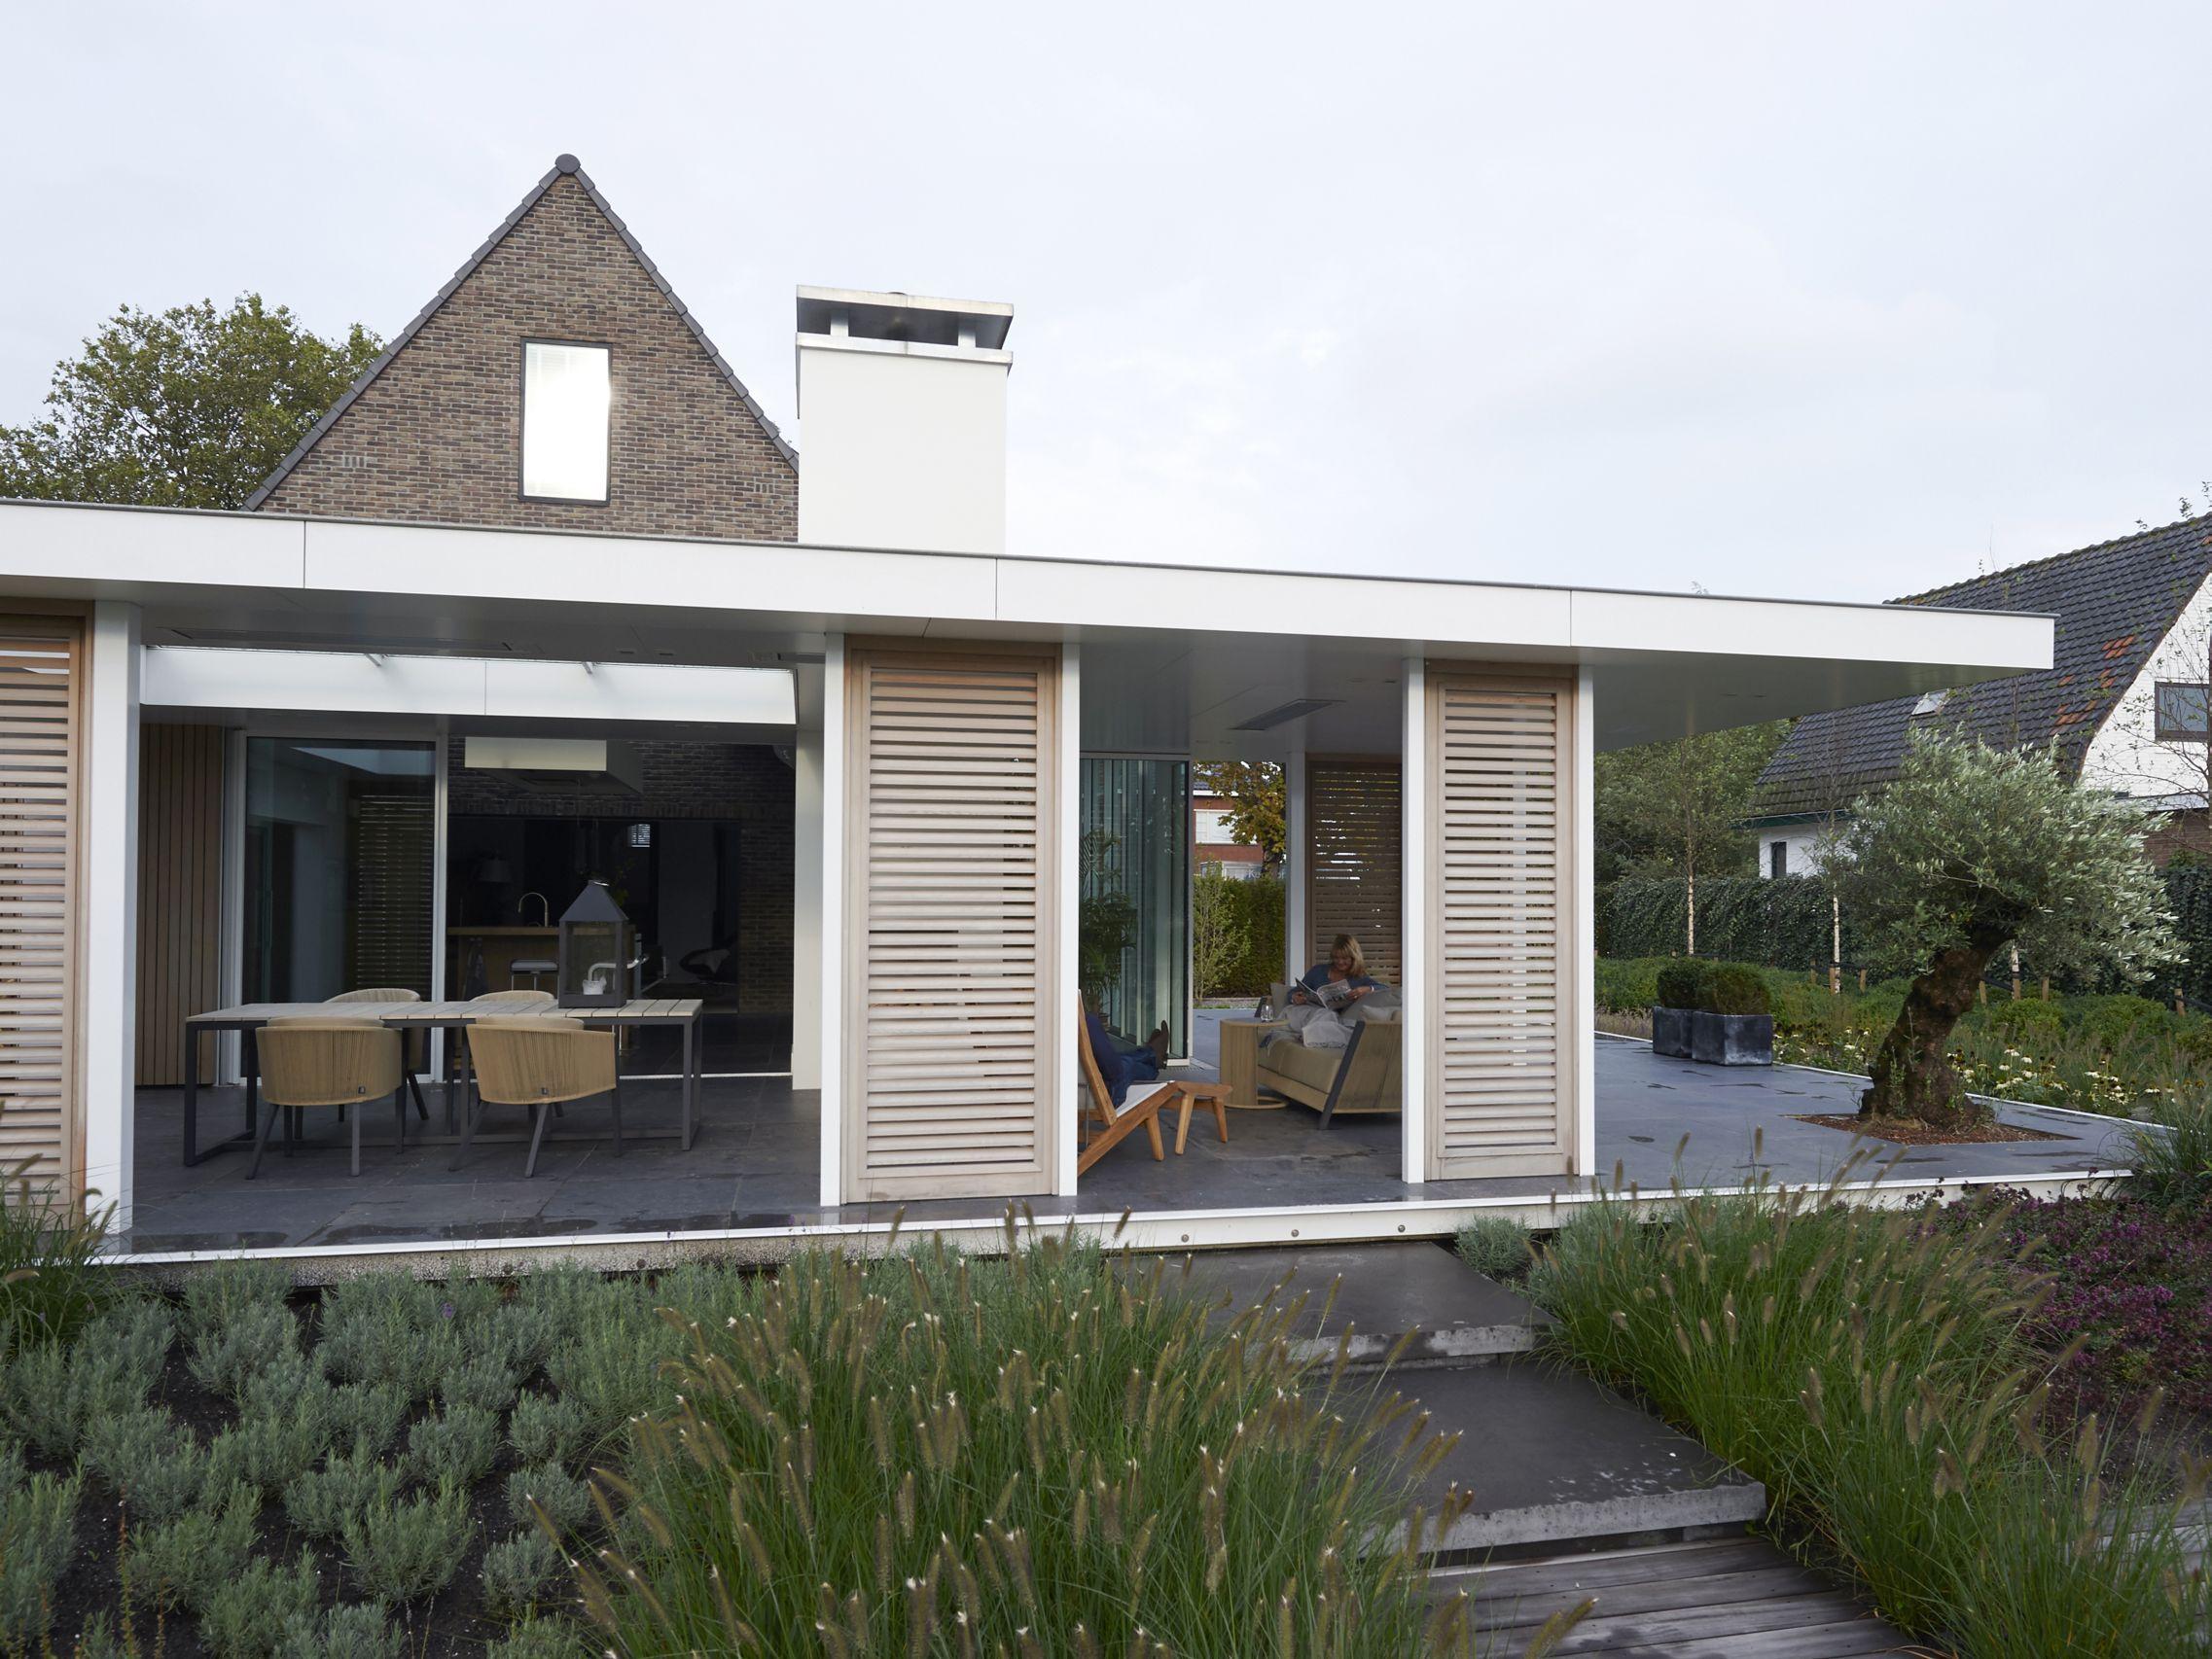 Enzo architectuur interieur voor beschutting tegen wind en